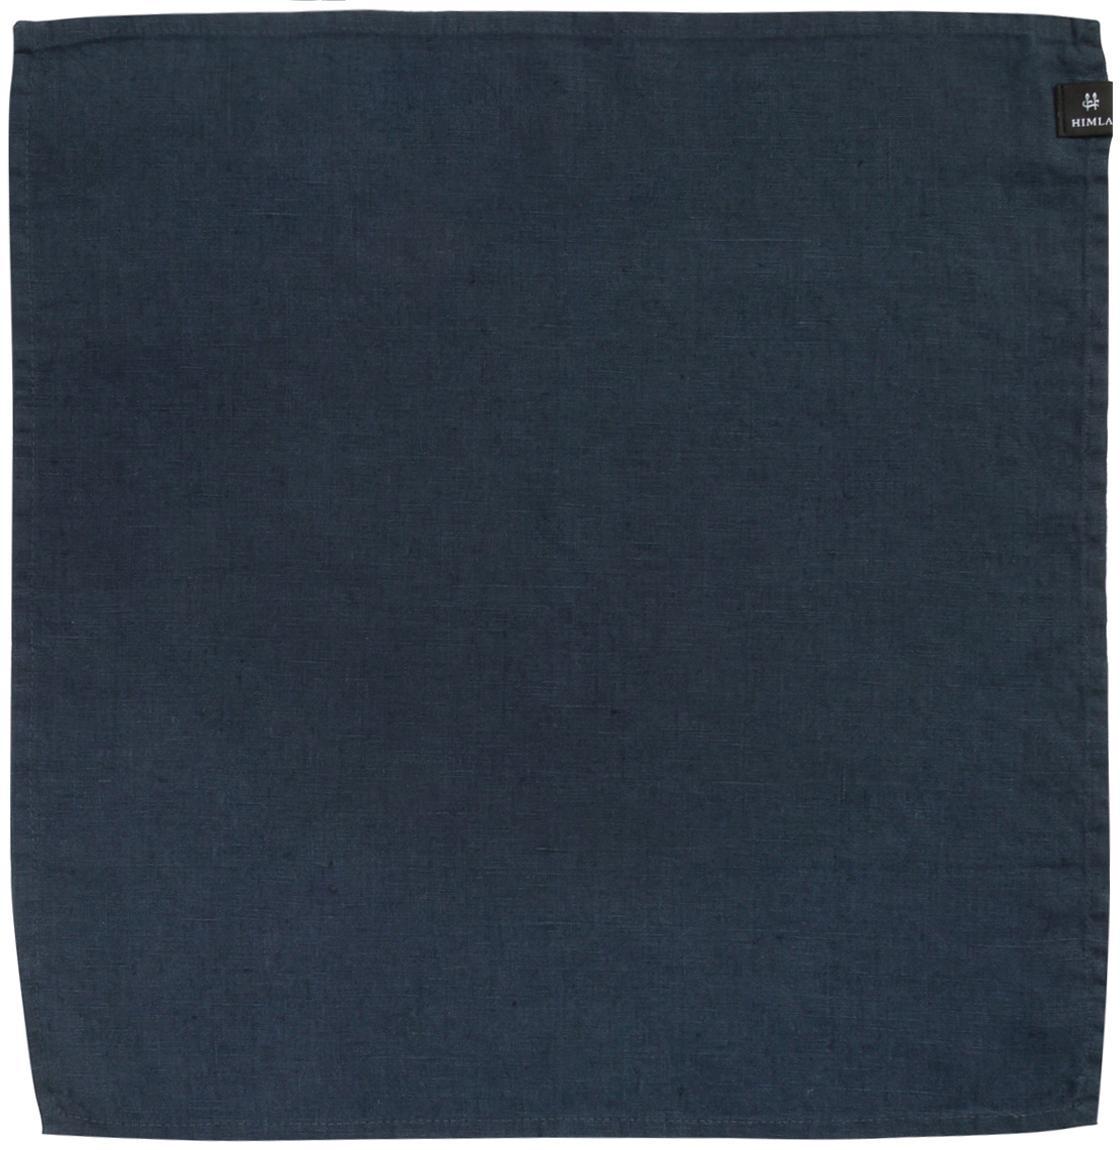 Serwetka z lnu Sunshine, 4 szt., Len, Niebieskoszary, D 45 x S 45 cm